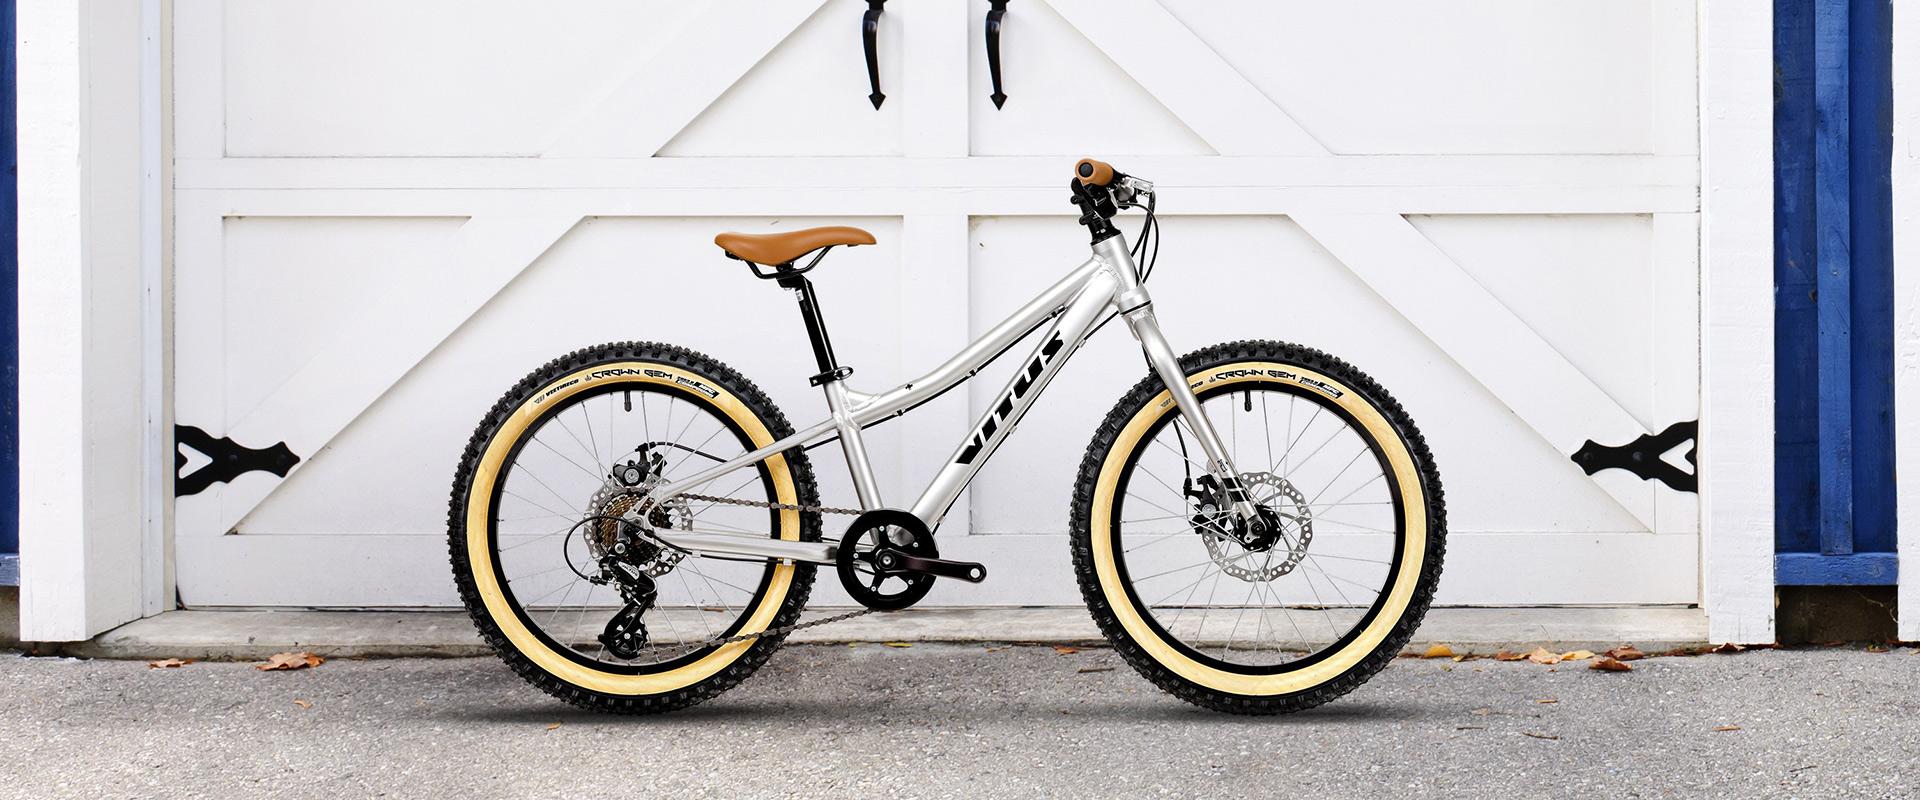 20+ Kids Bike